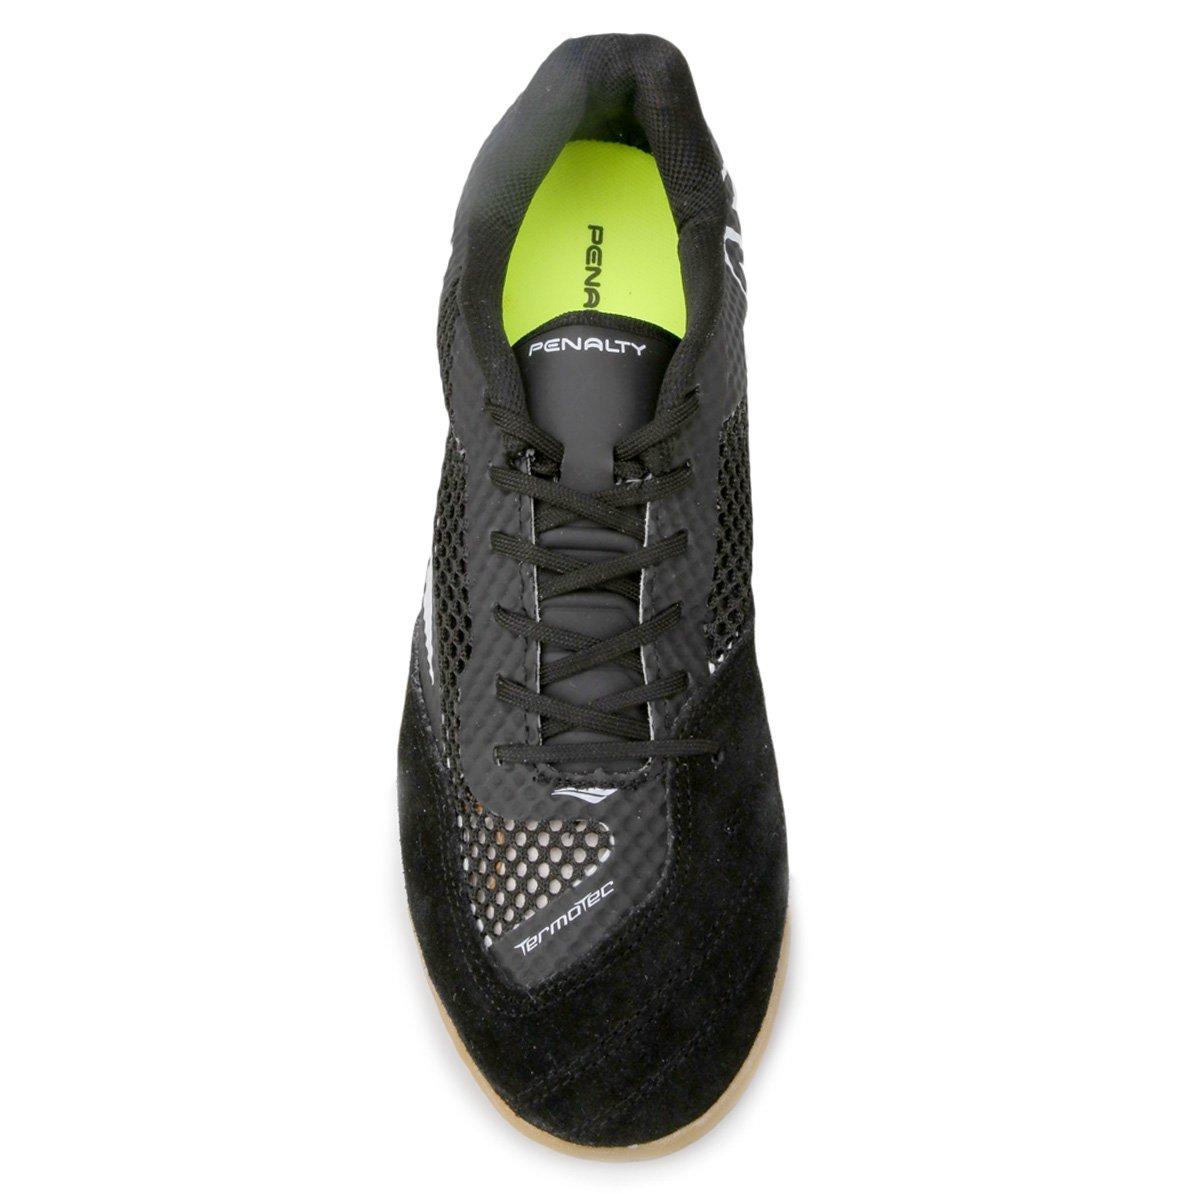 Chuteira Futsal Penalty Max 500 7 Masculina - Compre Agora  79519f87b25be